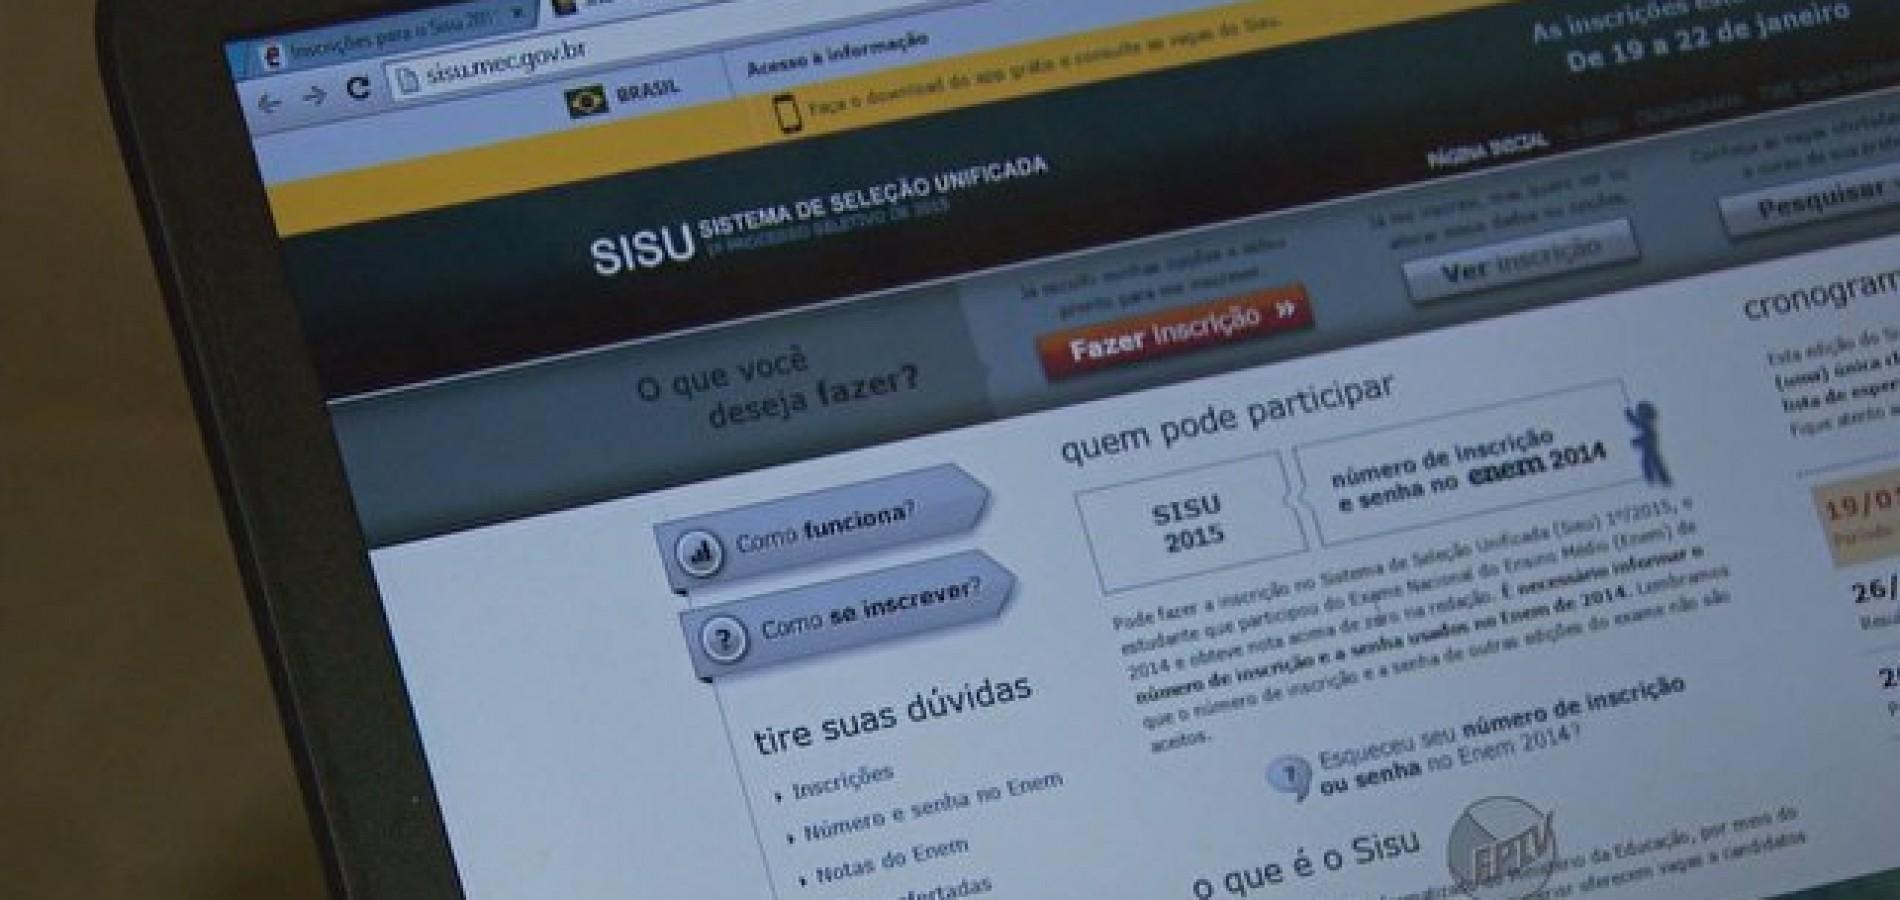 Veja os 20 cursos mais procurados do Sisu; administração lidera a lista